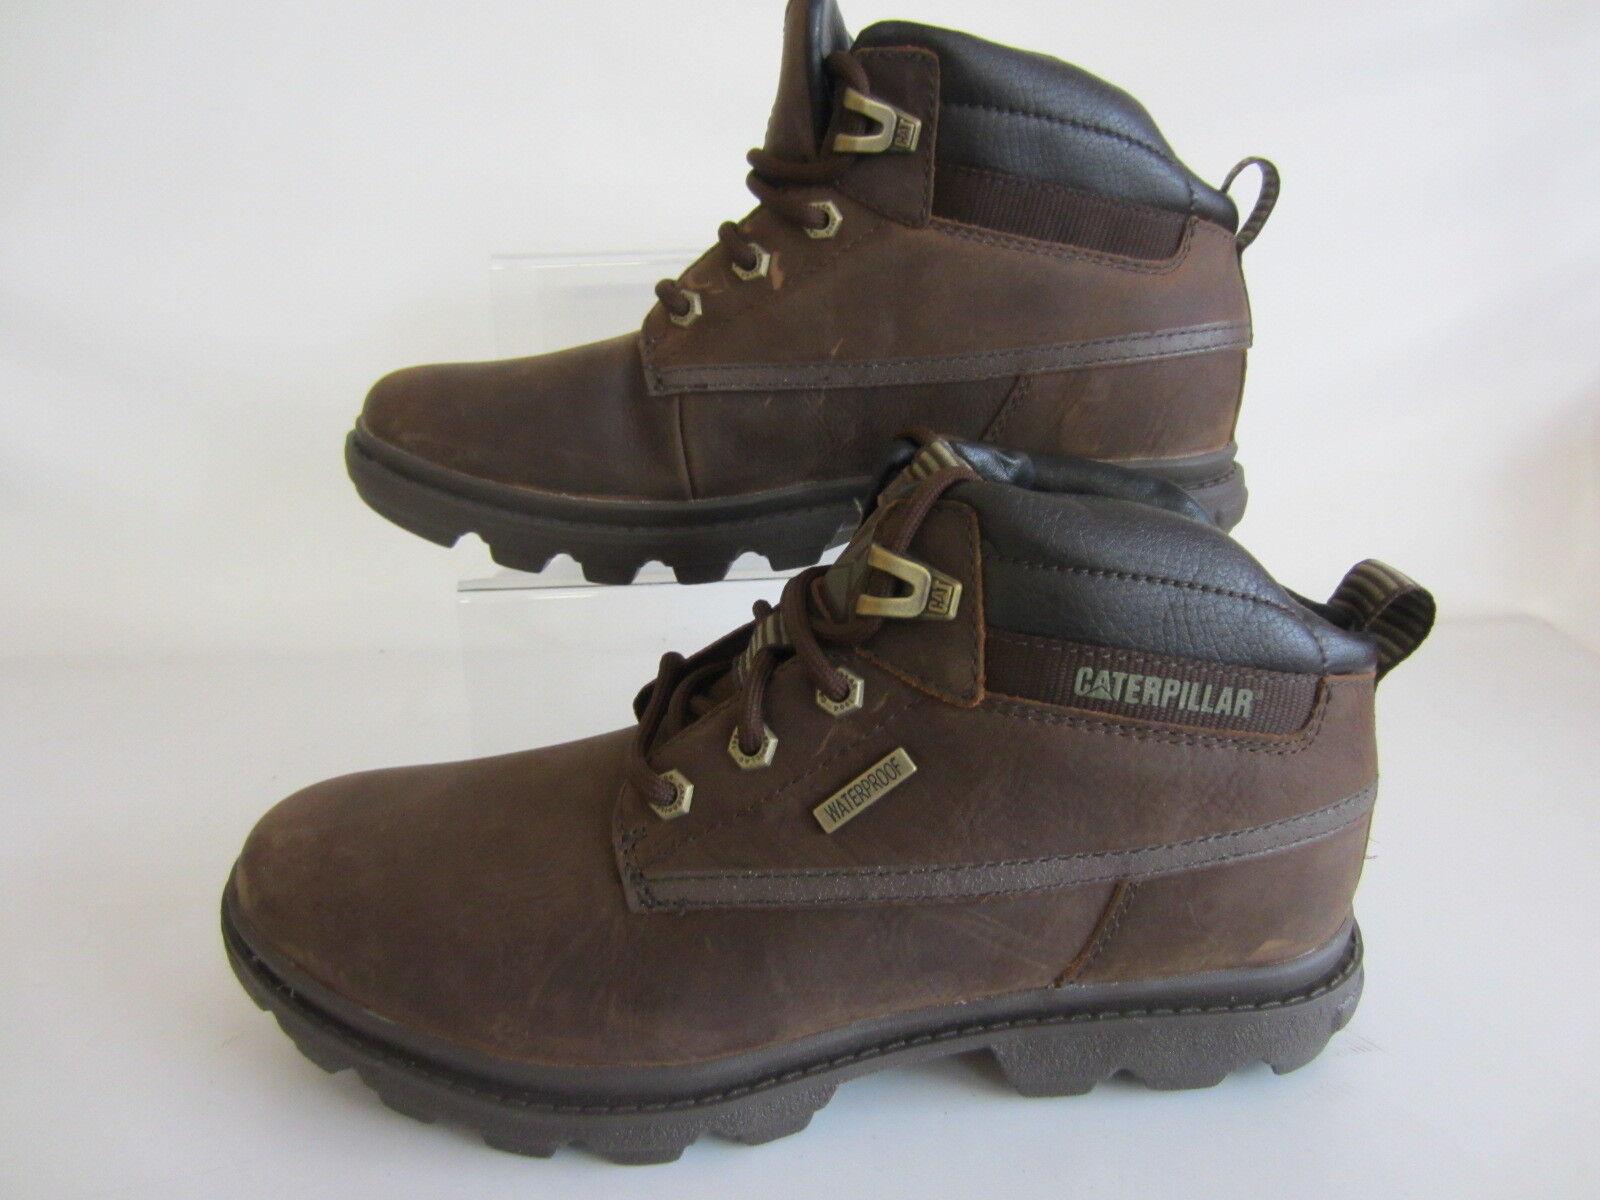 Caterpillar Grady Wp Zum Schnüren Braune Stiefel BP719110 (R22C)   | Gewinnen Sie hoch geschätzt